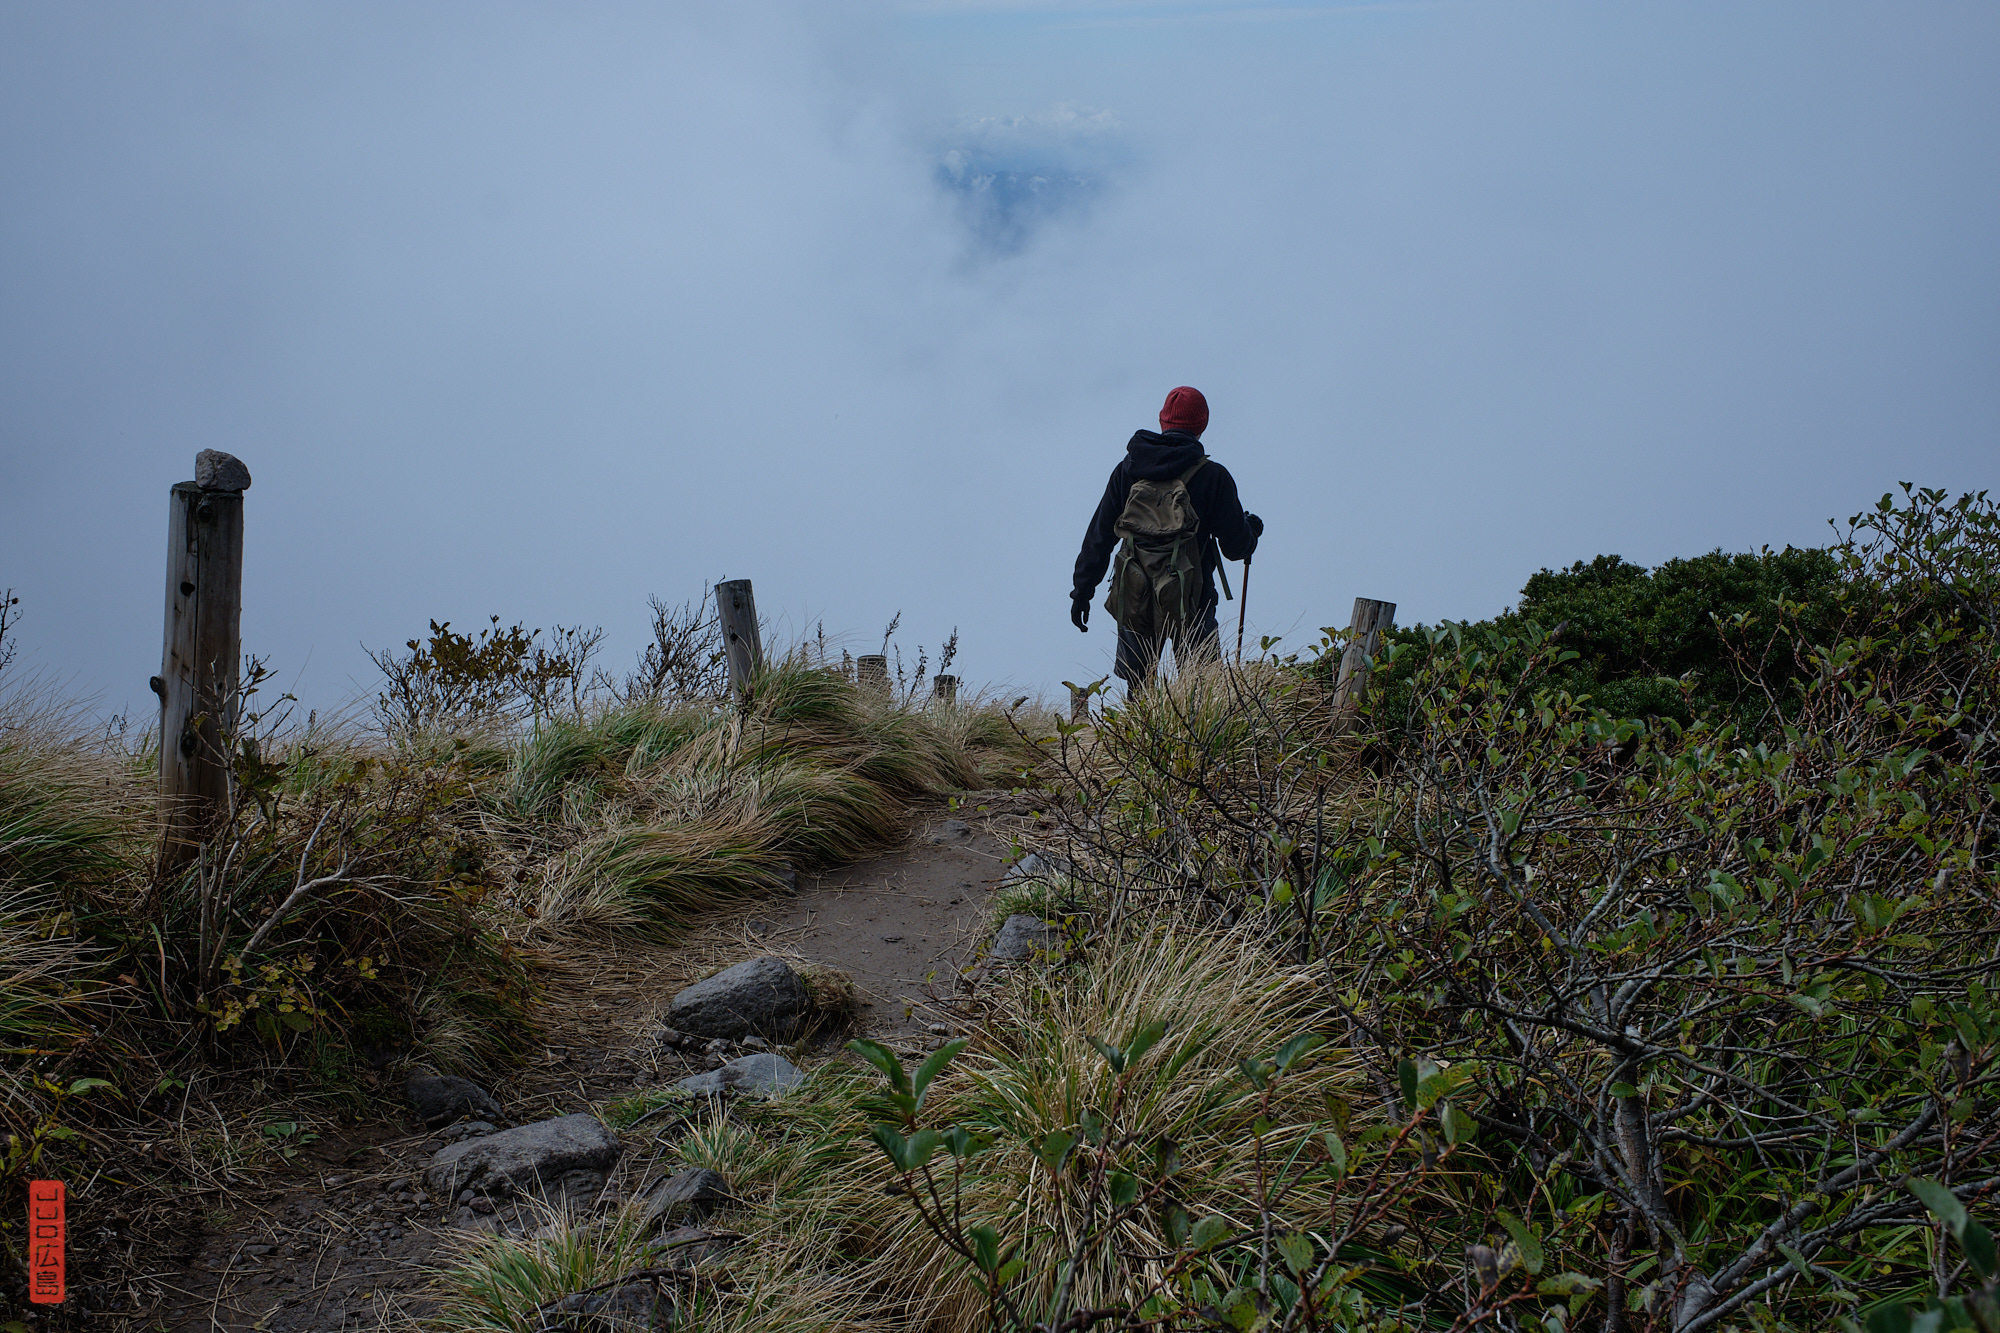 Sommet du mont Daisen dans les nuages